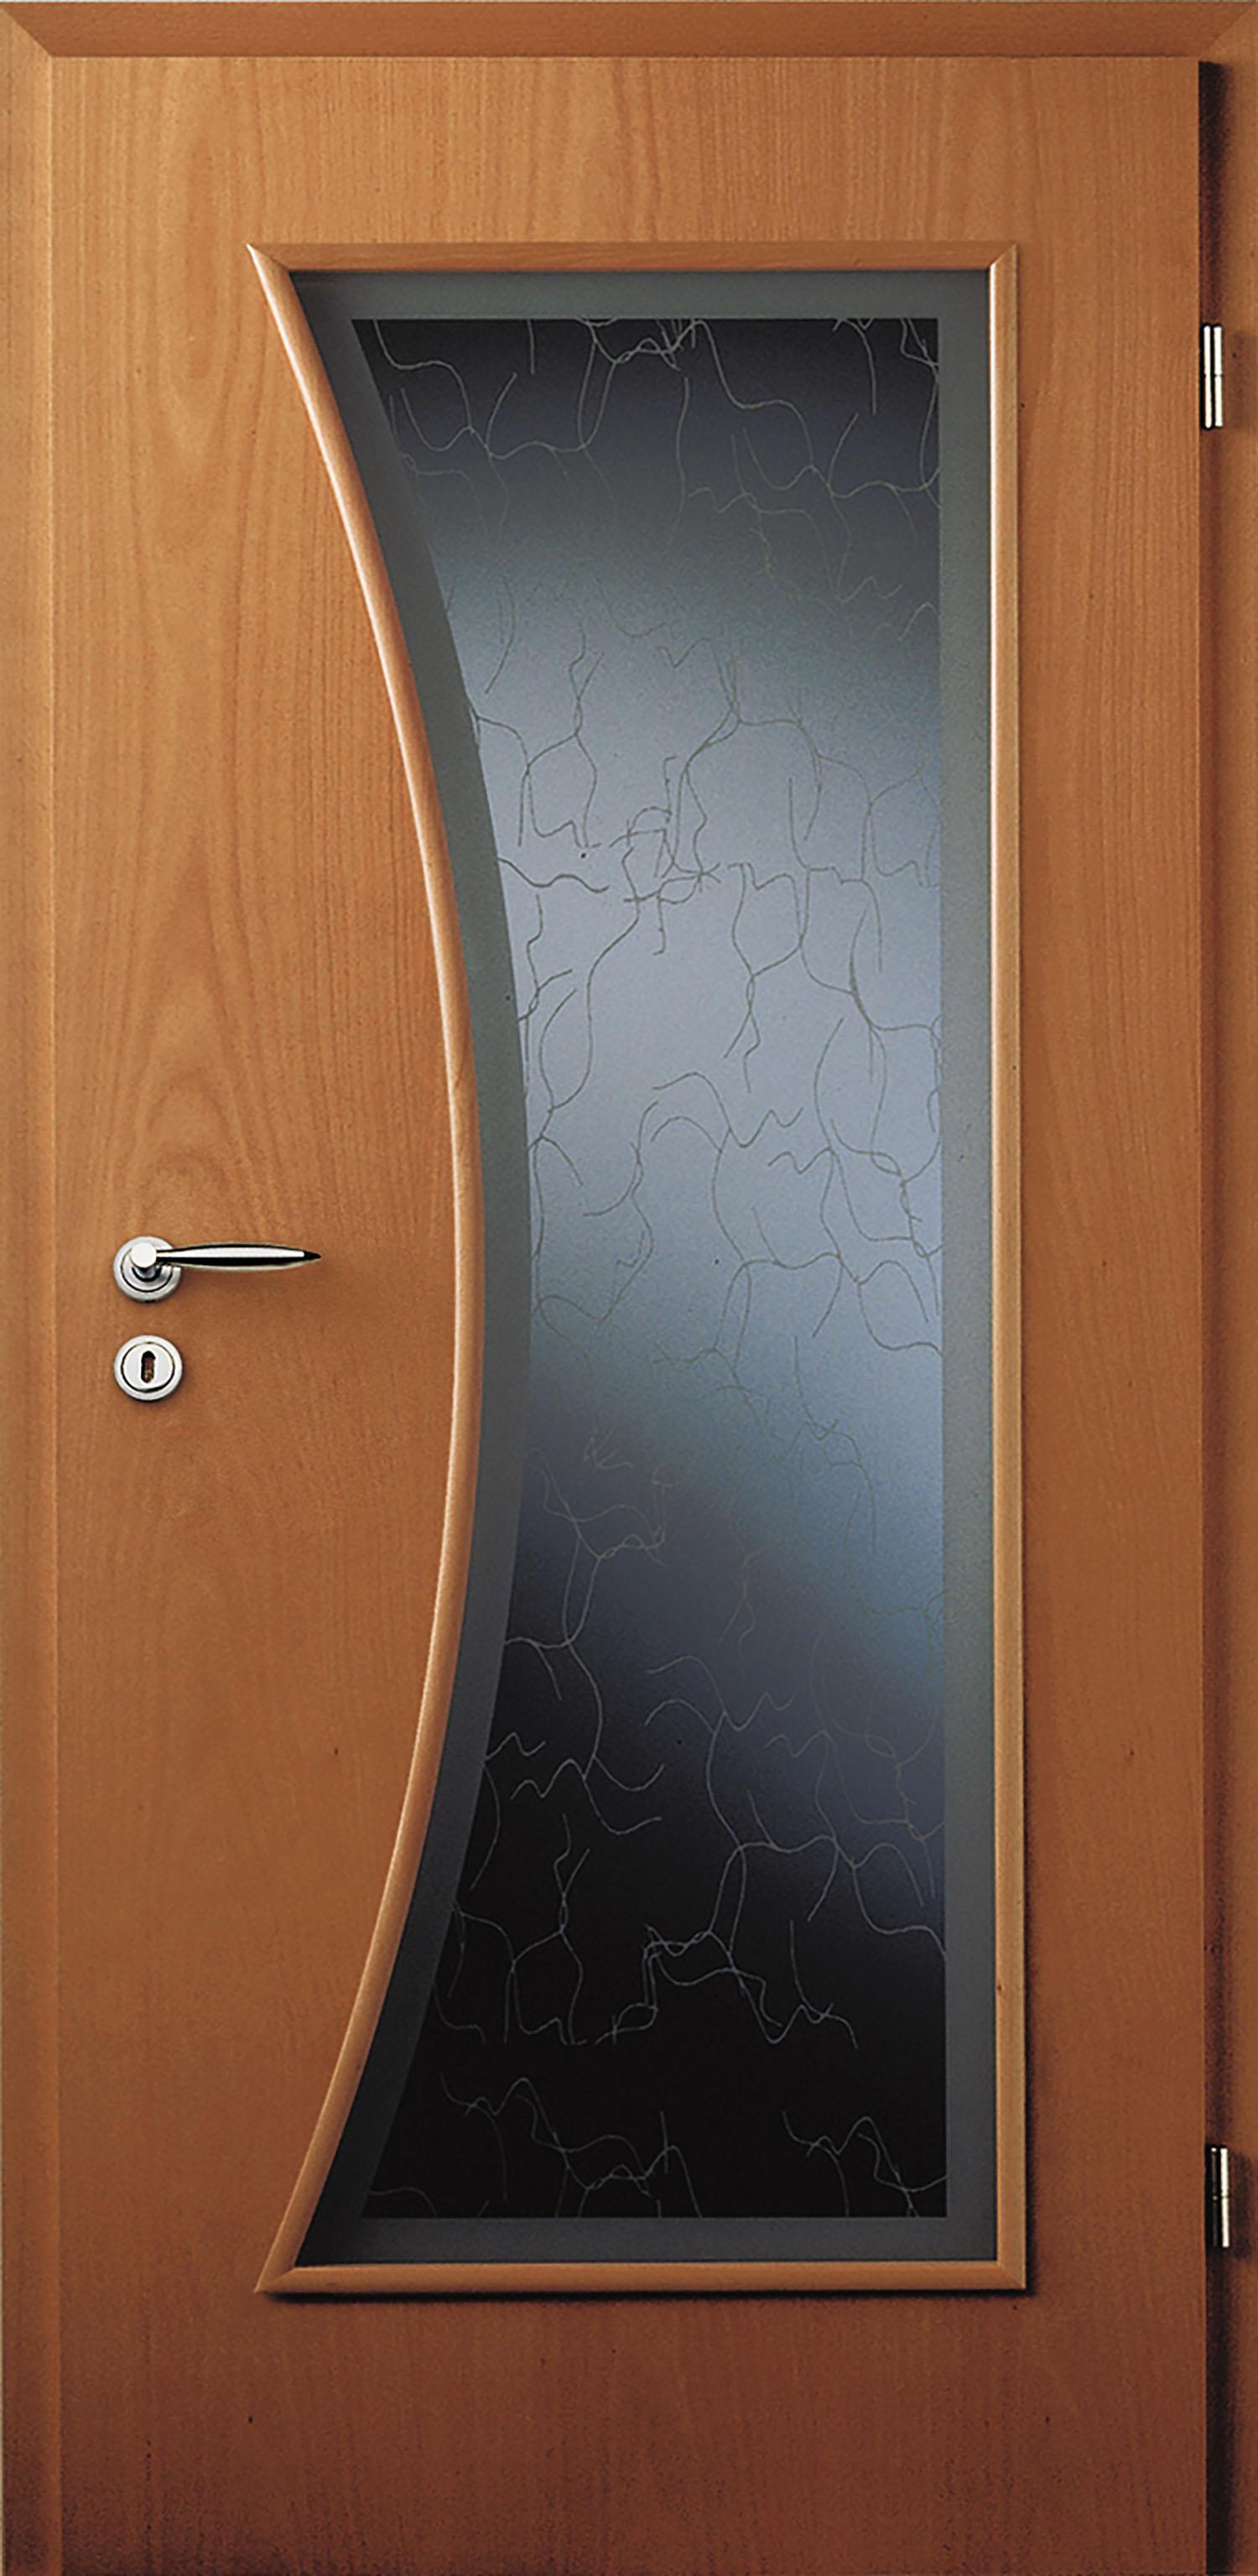 piktura t rendesign bersicht step glasrahmen. Black Bedroom Furniture Sets. Home Design Ideas